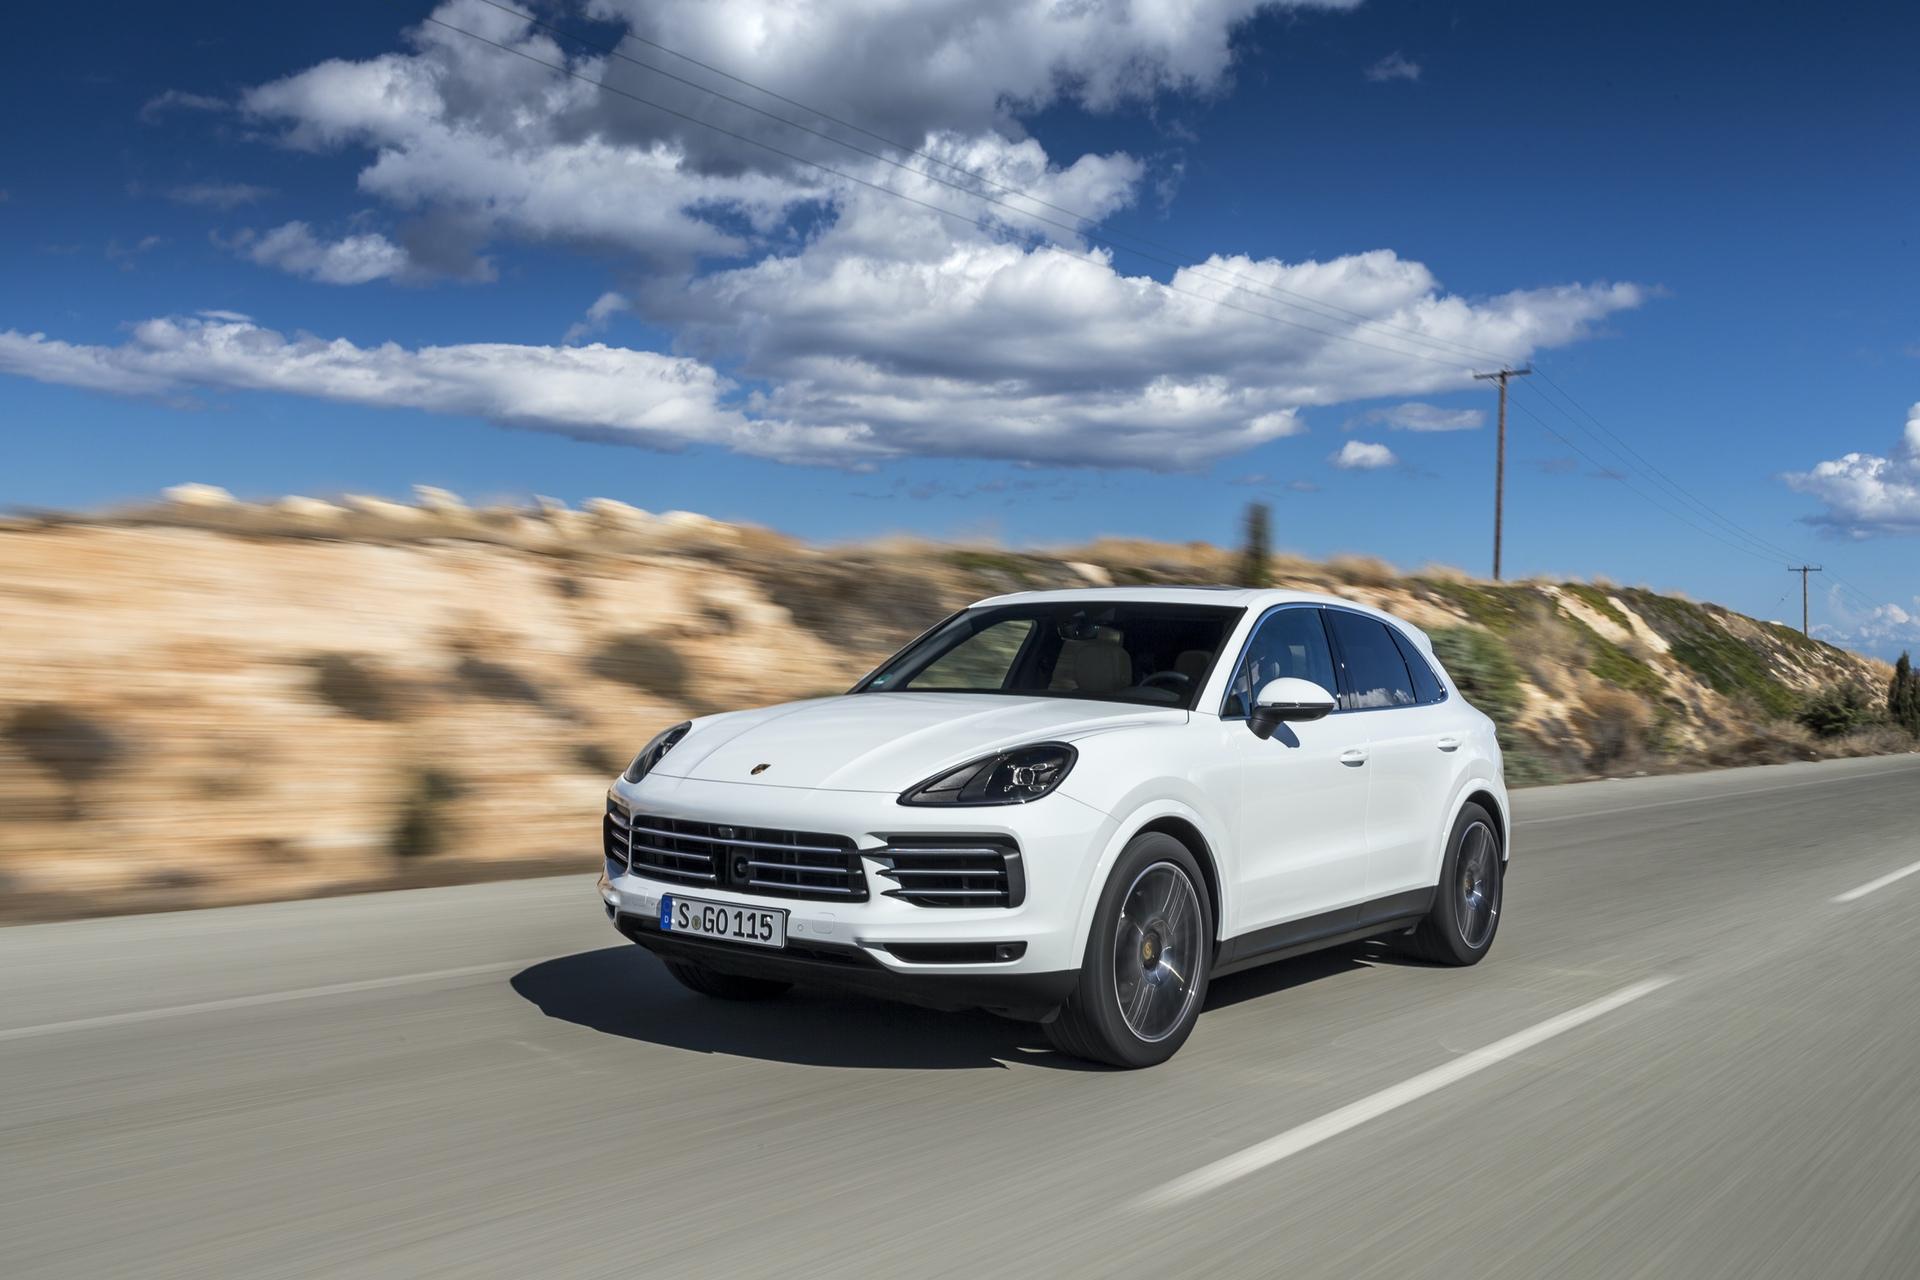 Test_Drive_Porsche_Cayenne_337